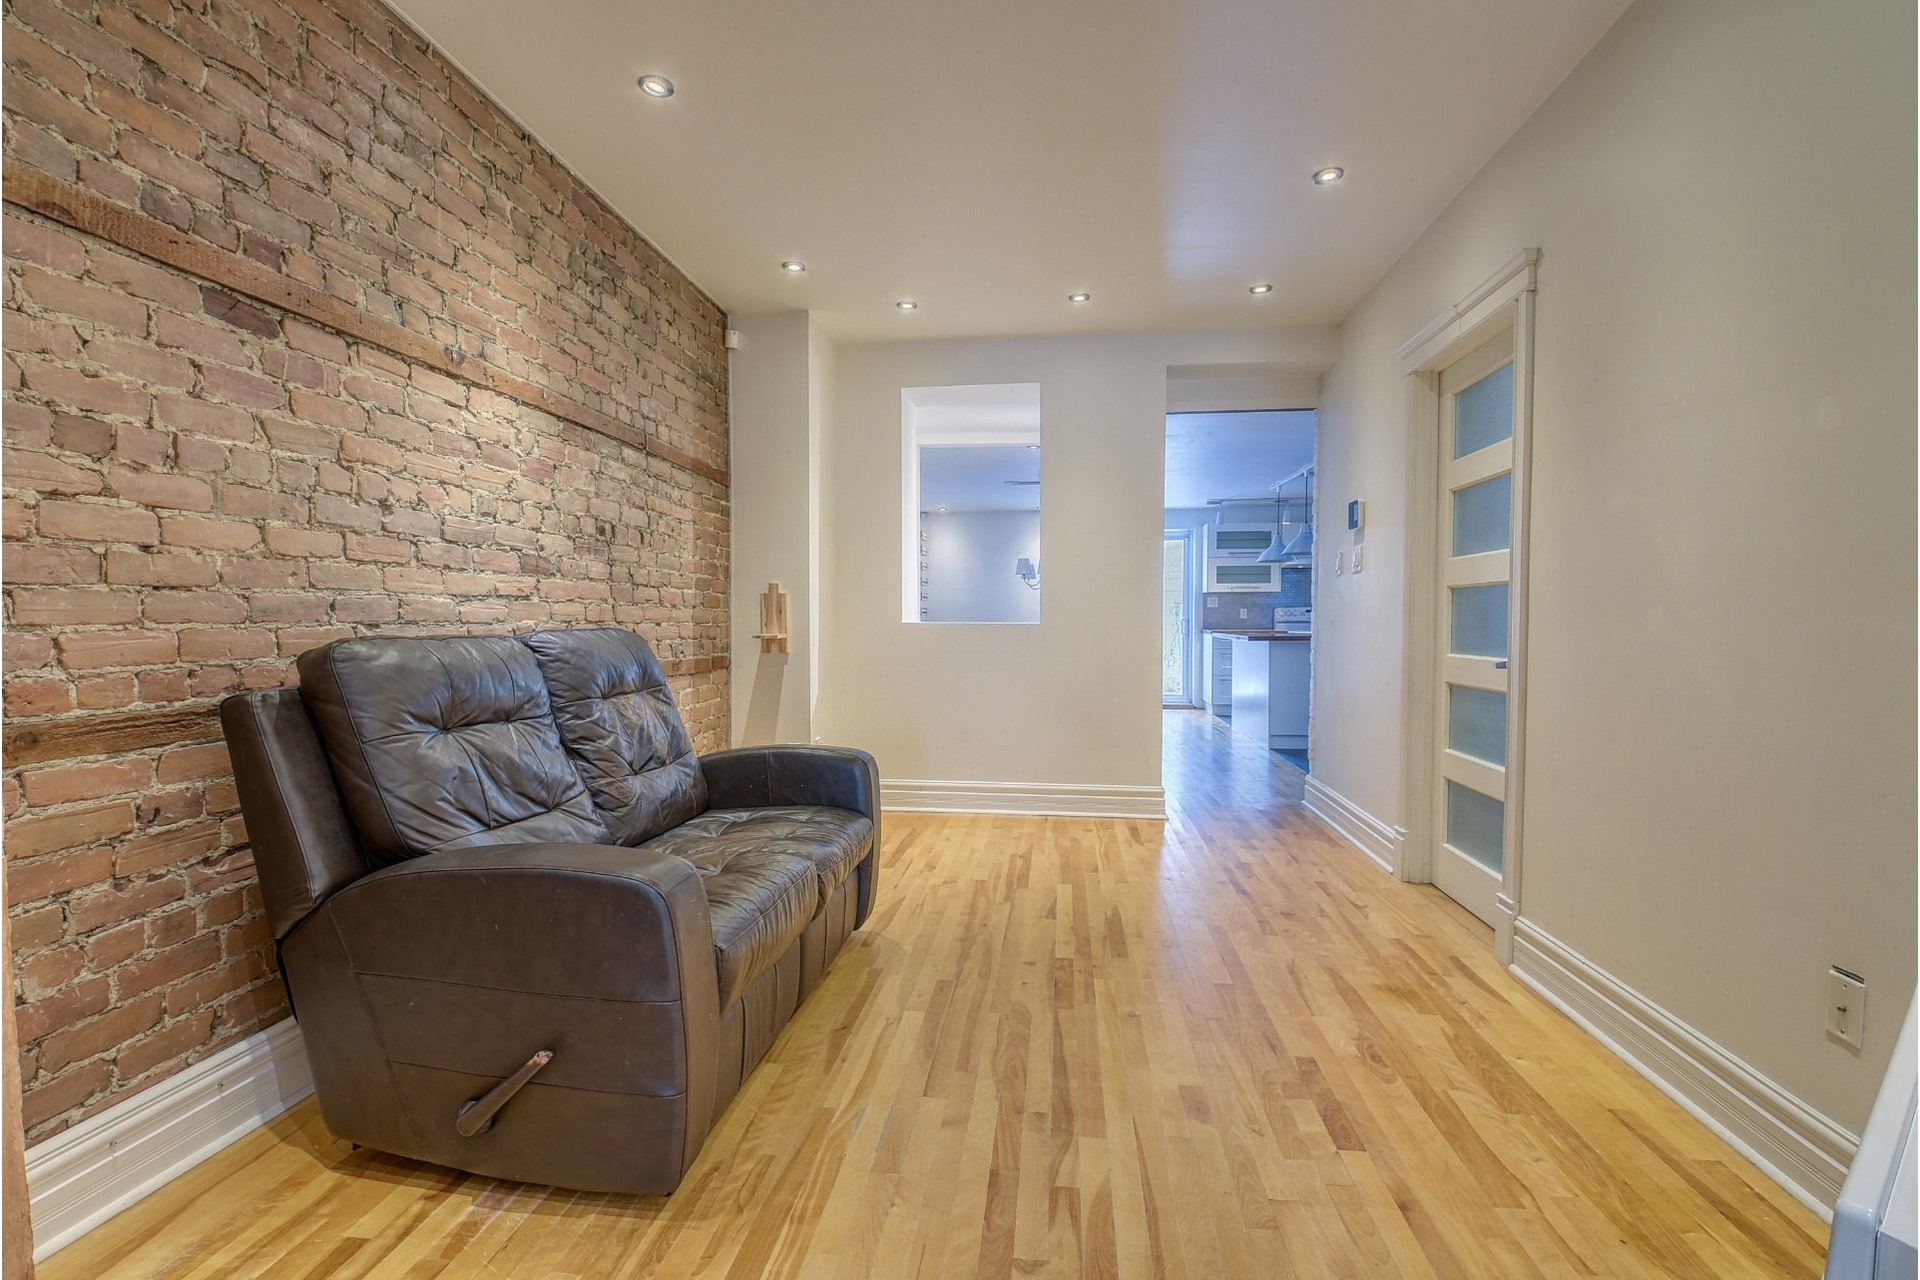 image 7 - Duplex For sale Le Sud-Ouest Montréal  - 5 rooms